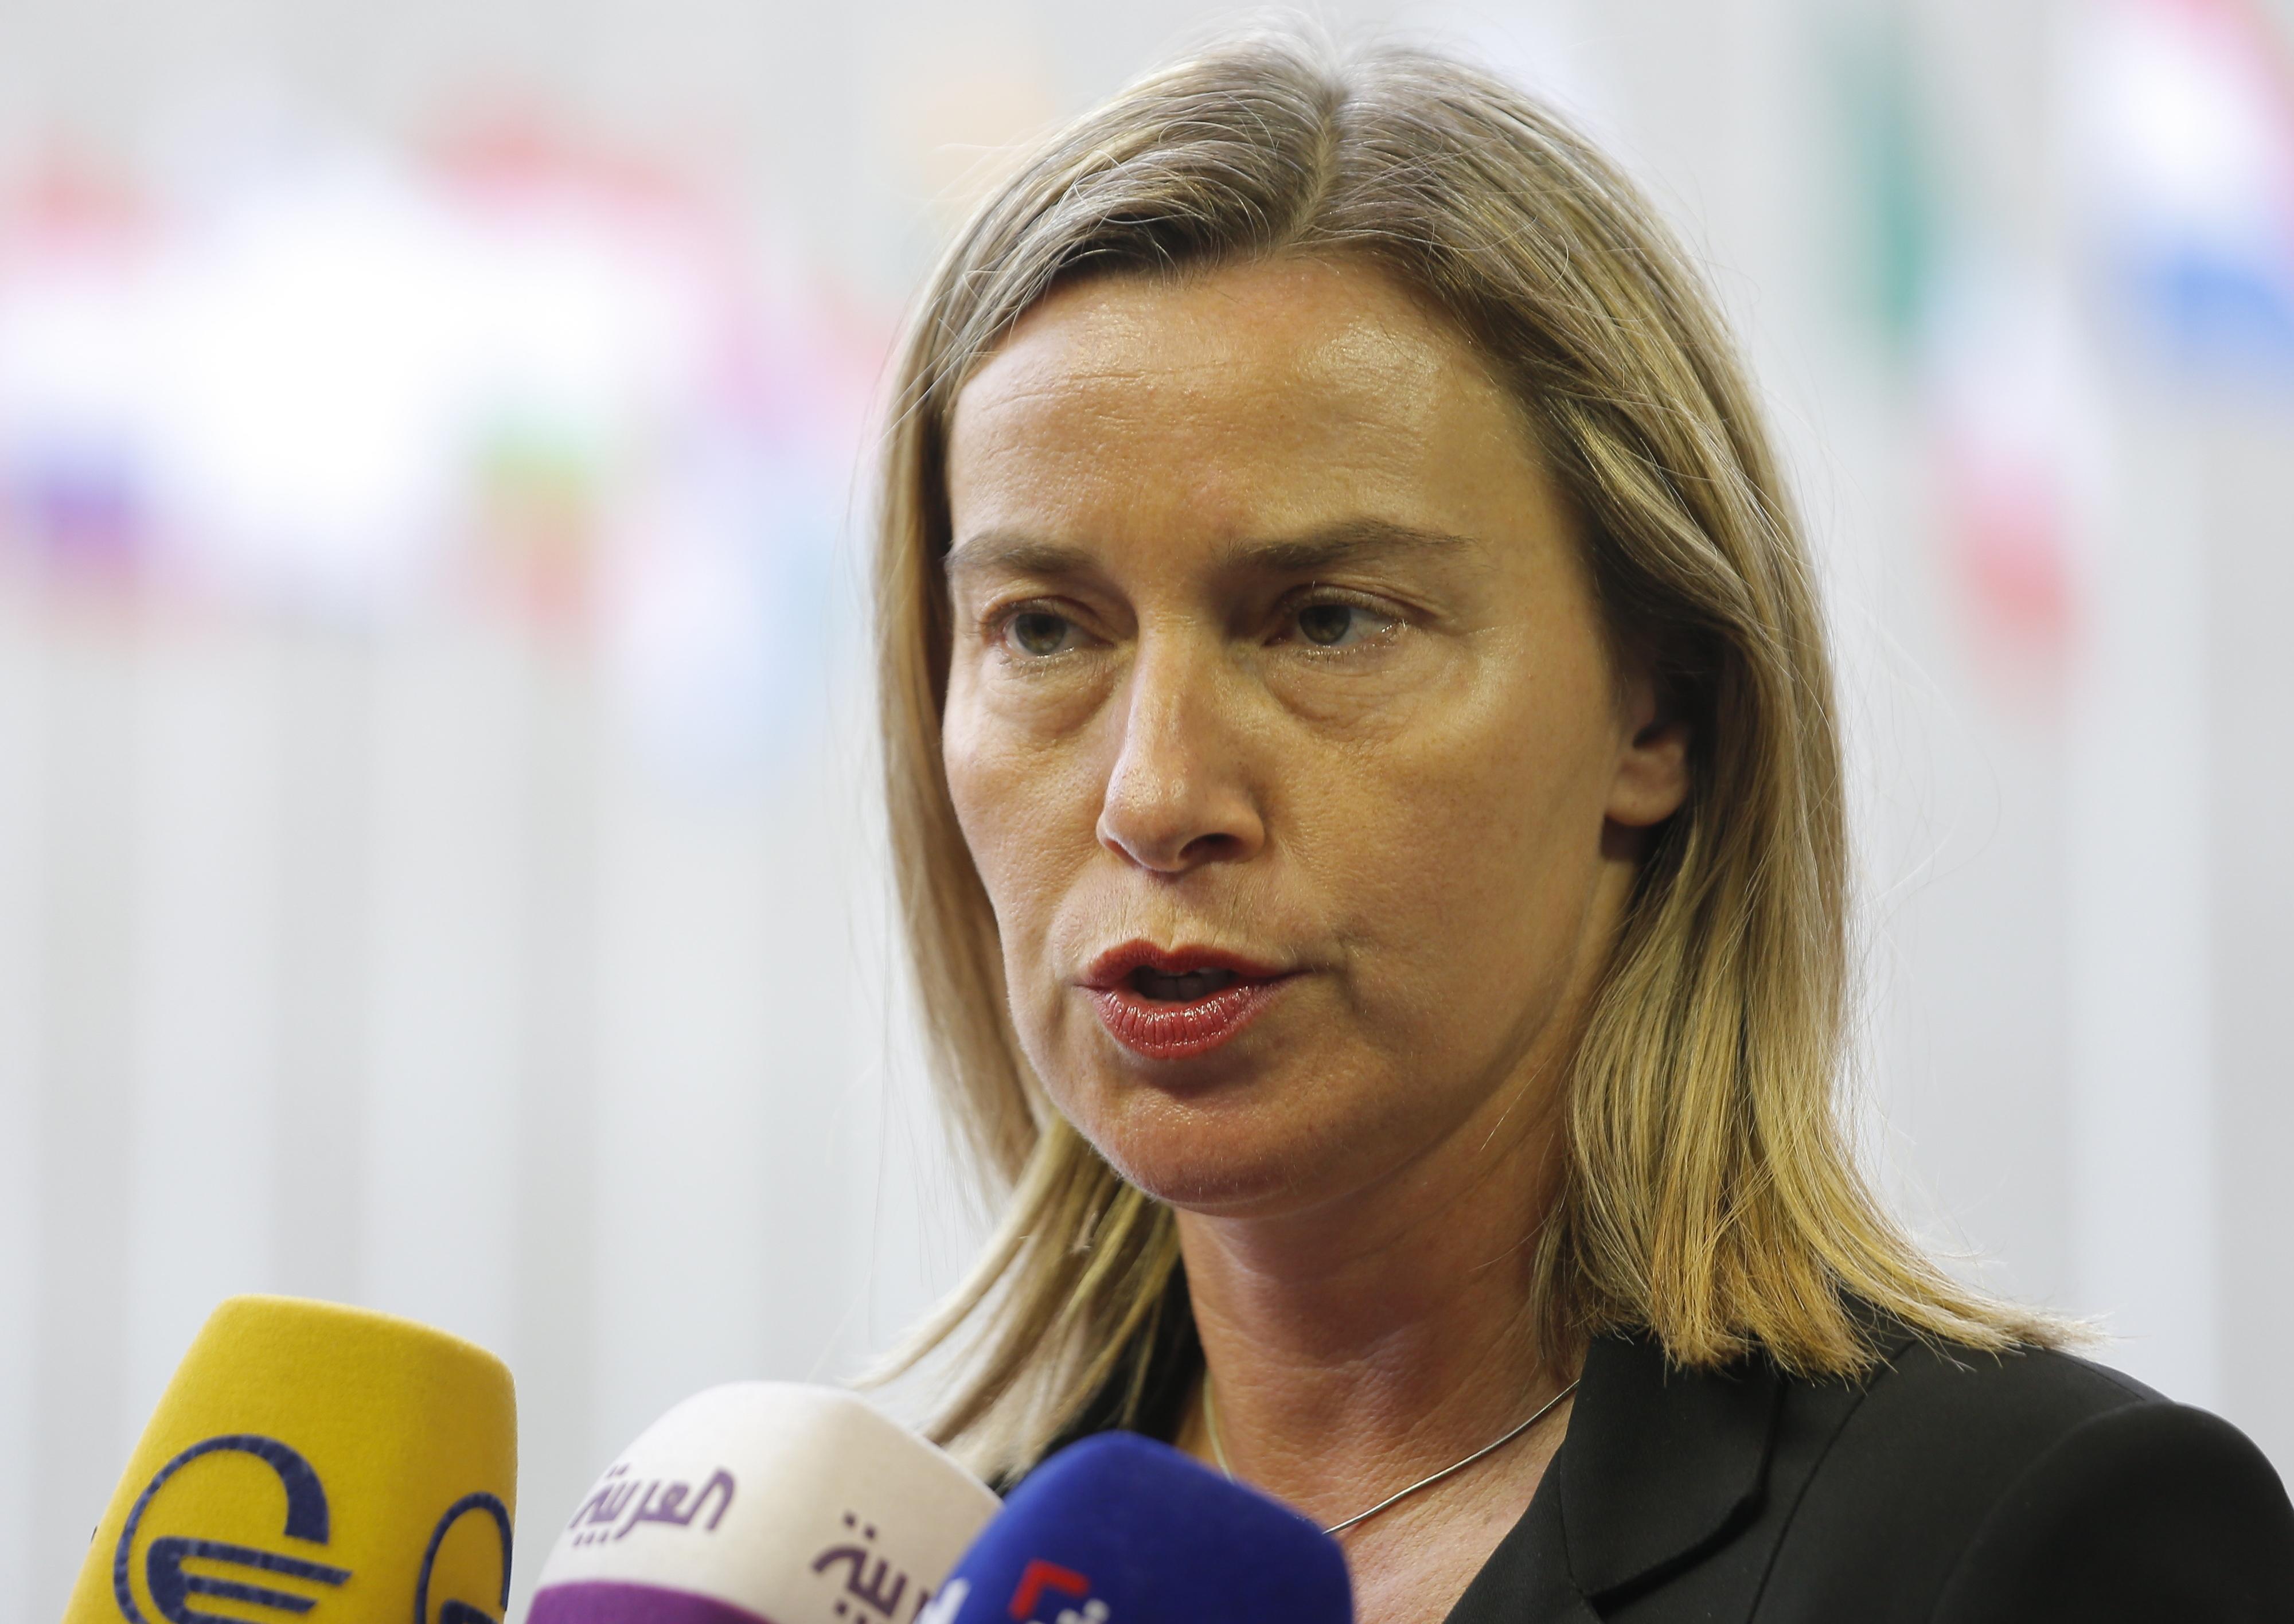 União Europeia condena concessão de passaportes russos a cidadãos do Leste da Ucrânia